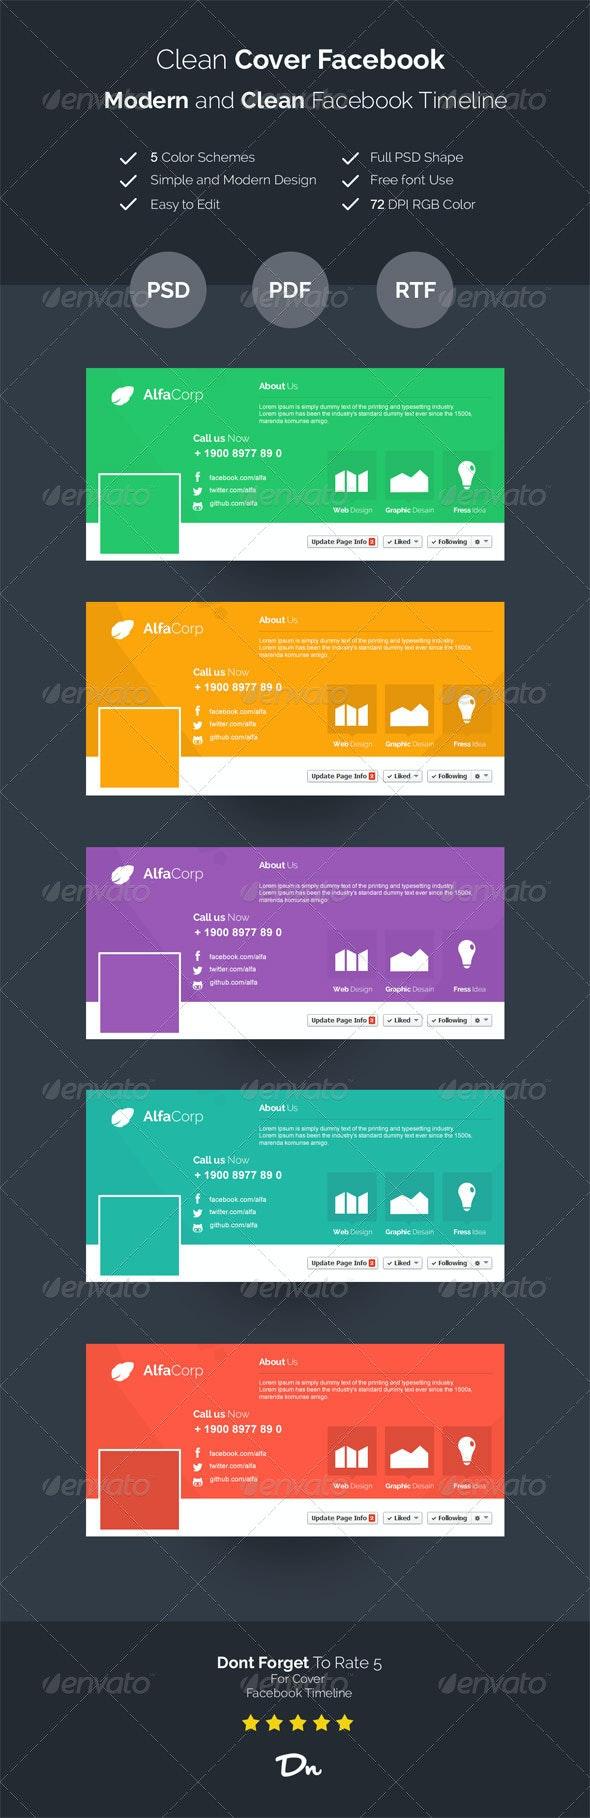 Modern Cover FacebookTimeline - Facebook Timeline Covers Social Media